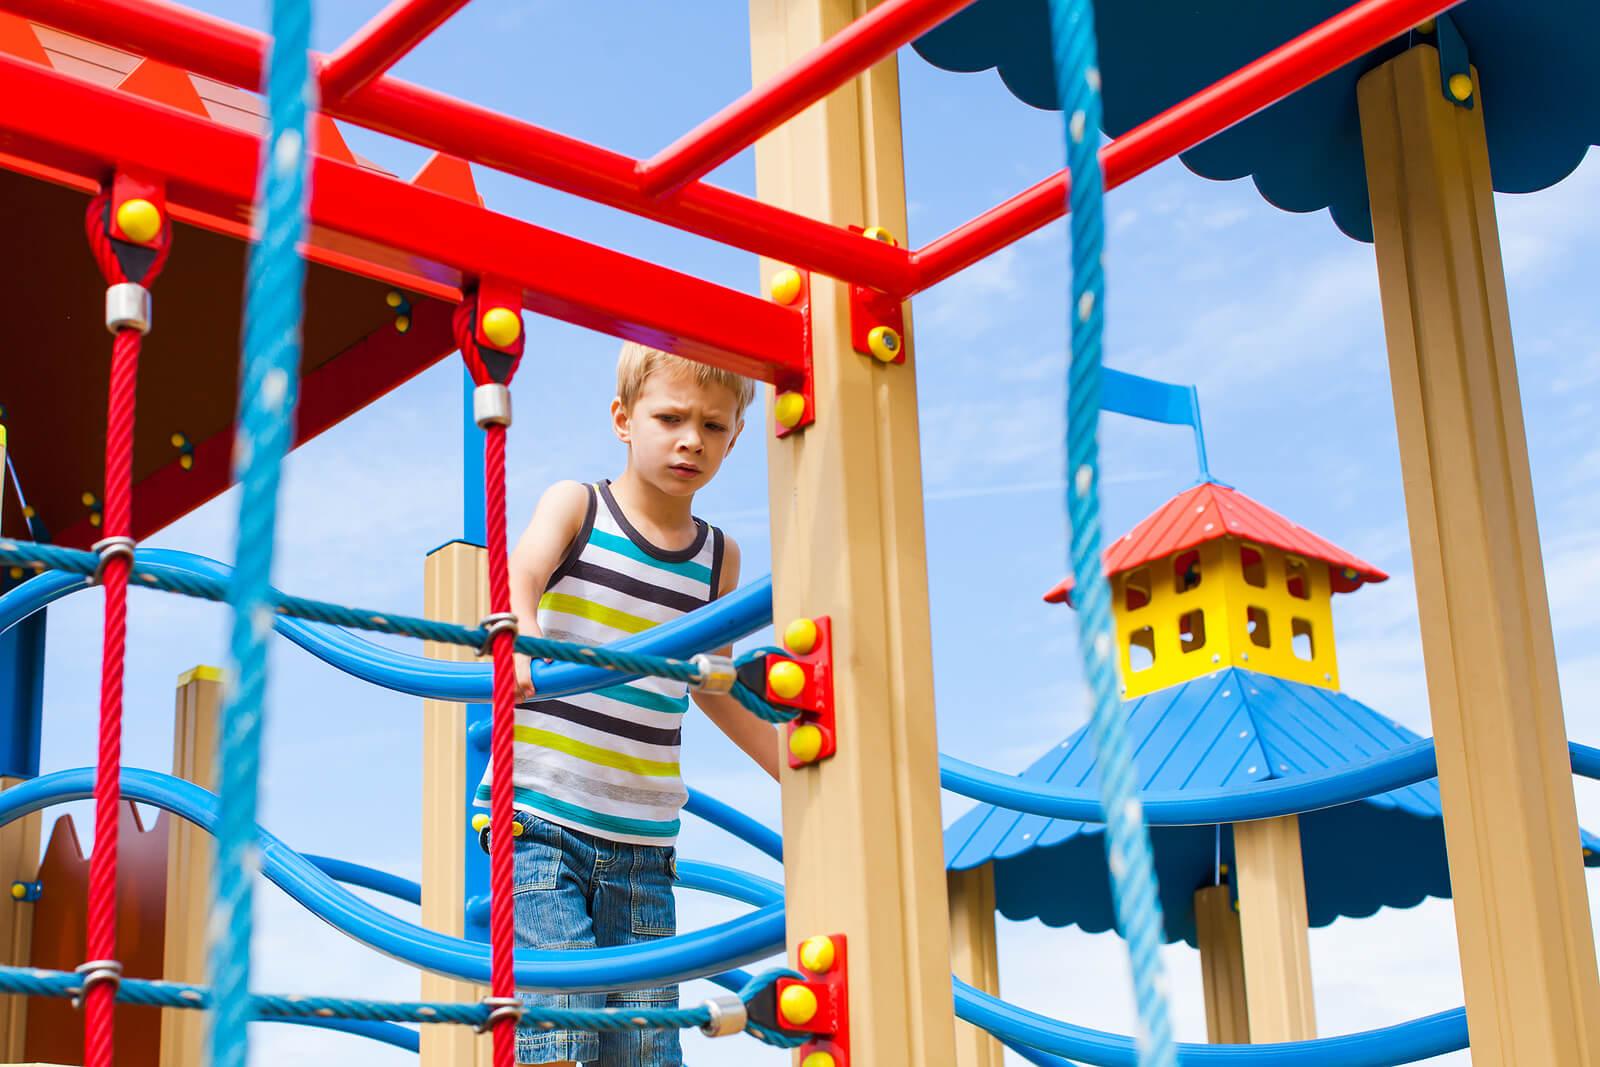 Niño jugando en el parque con miedo a las alturas.